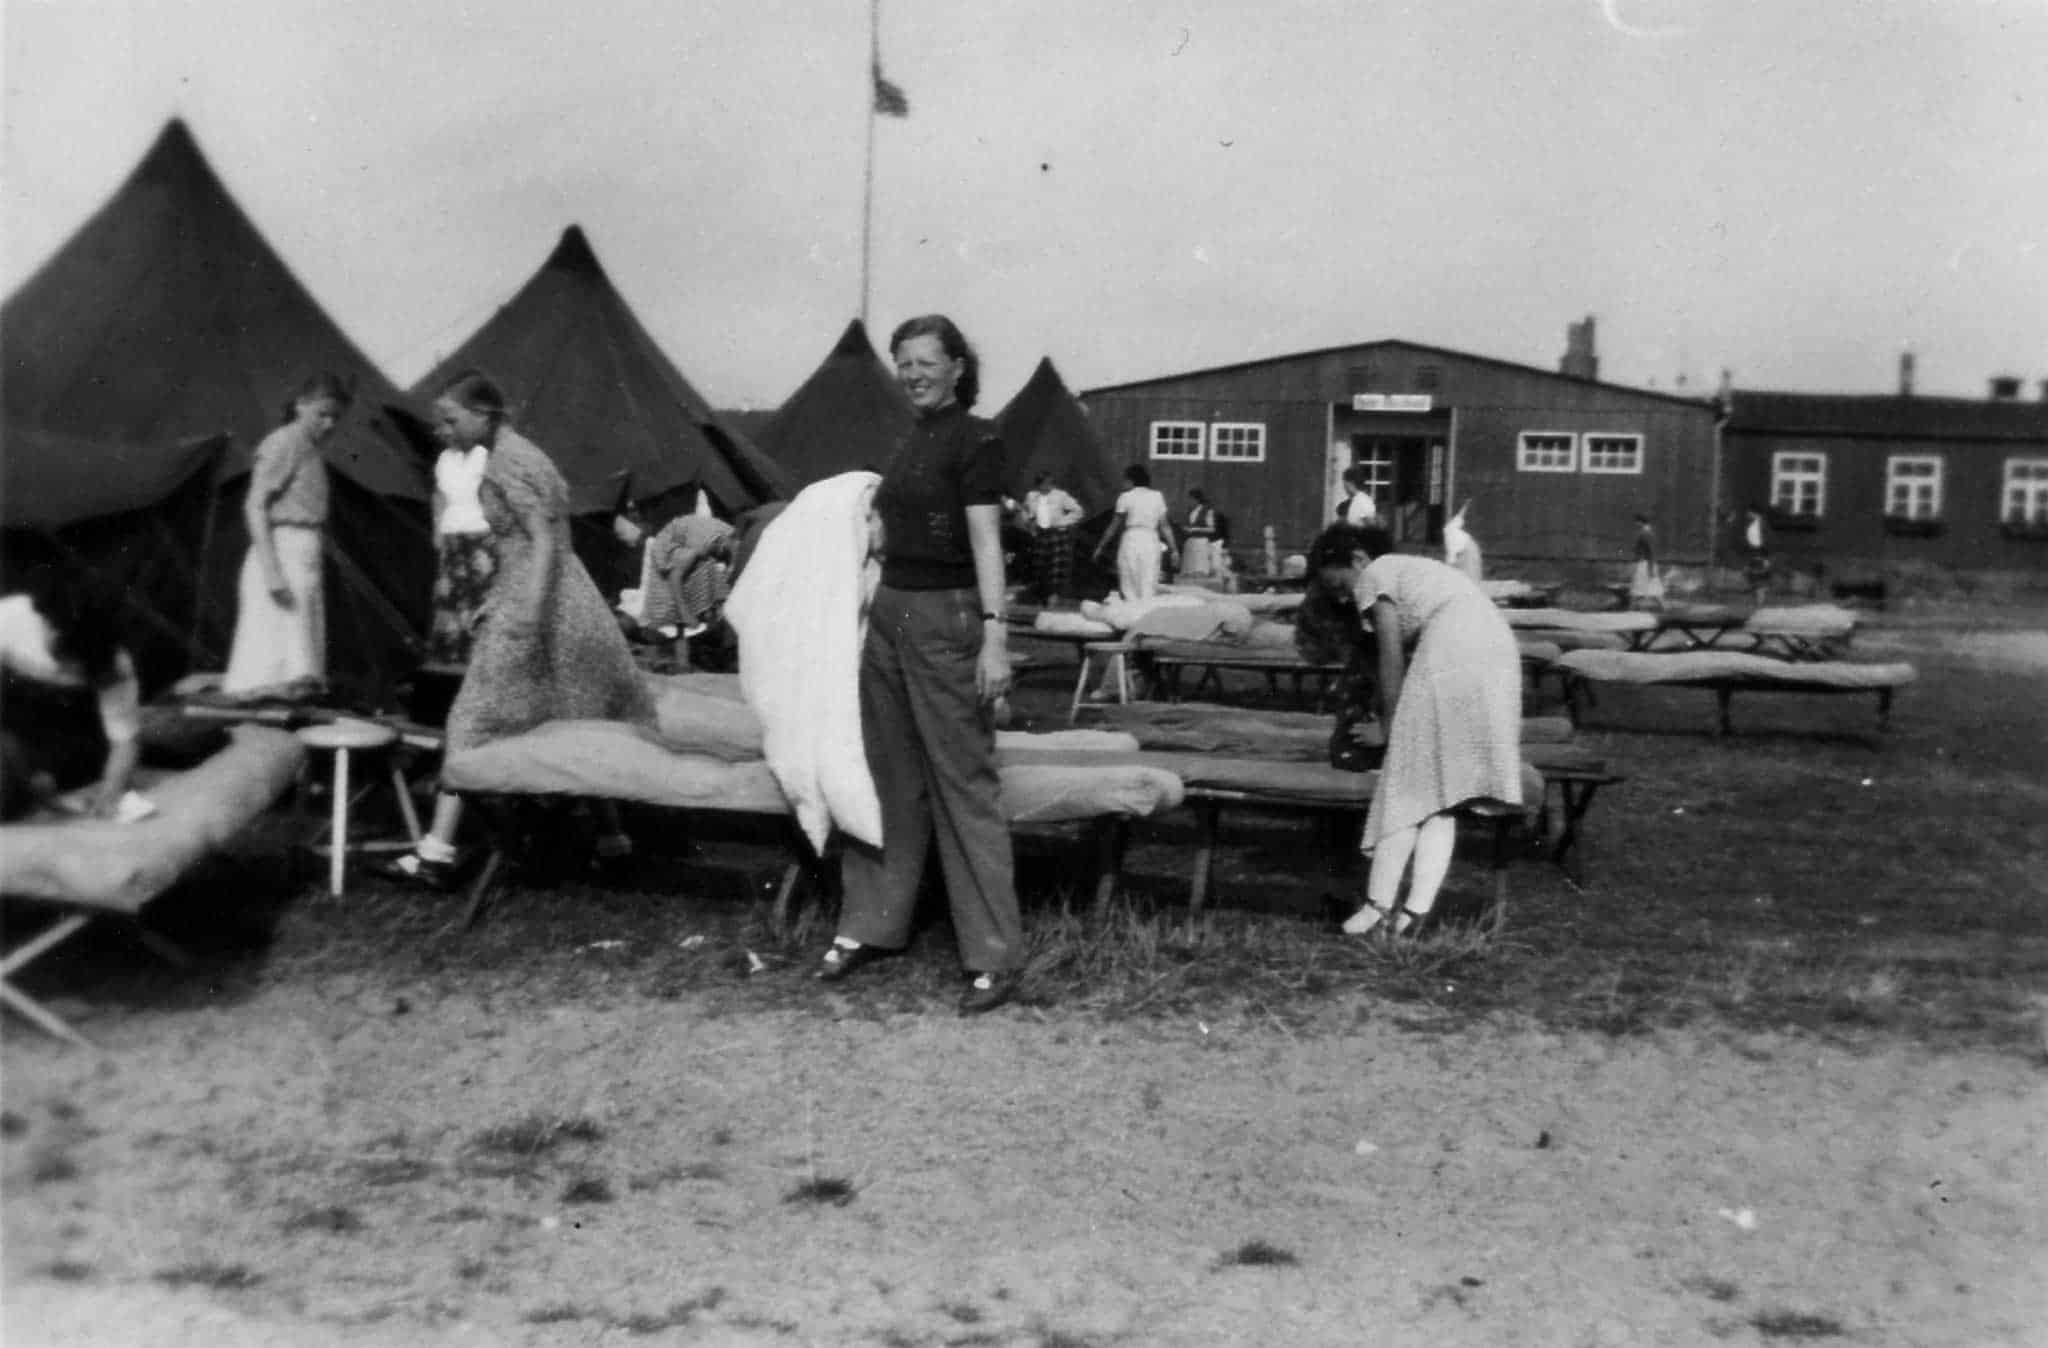 Meedland-Zeltlager-1950-51